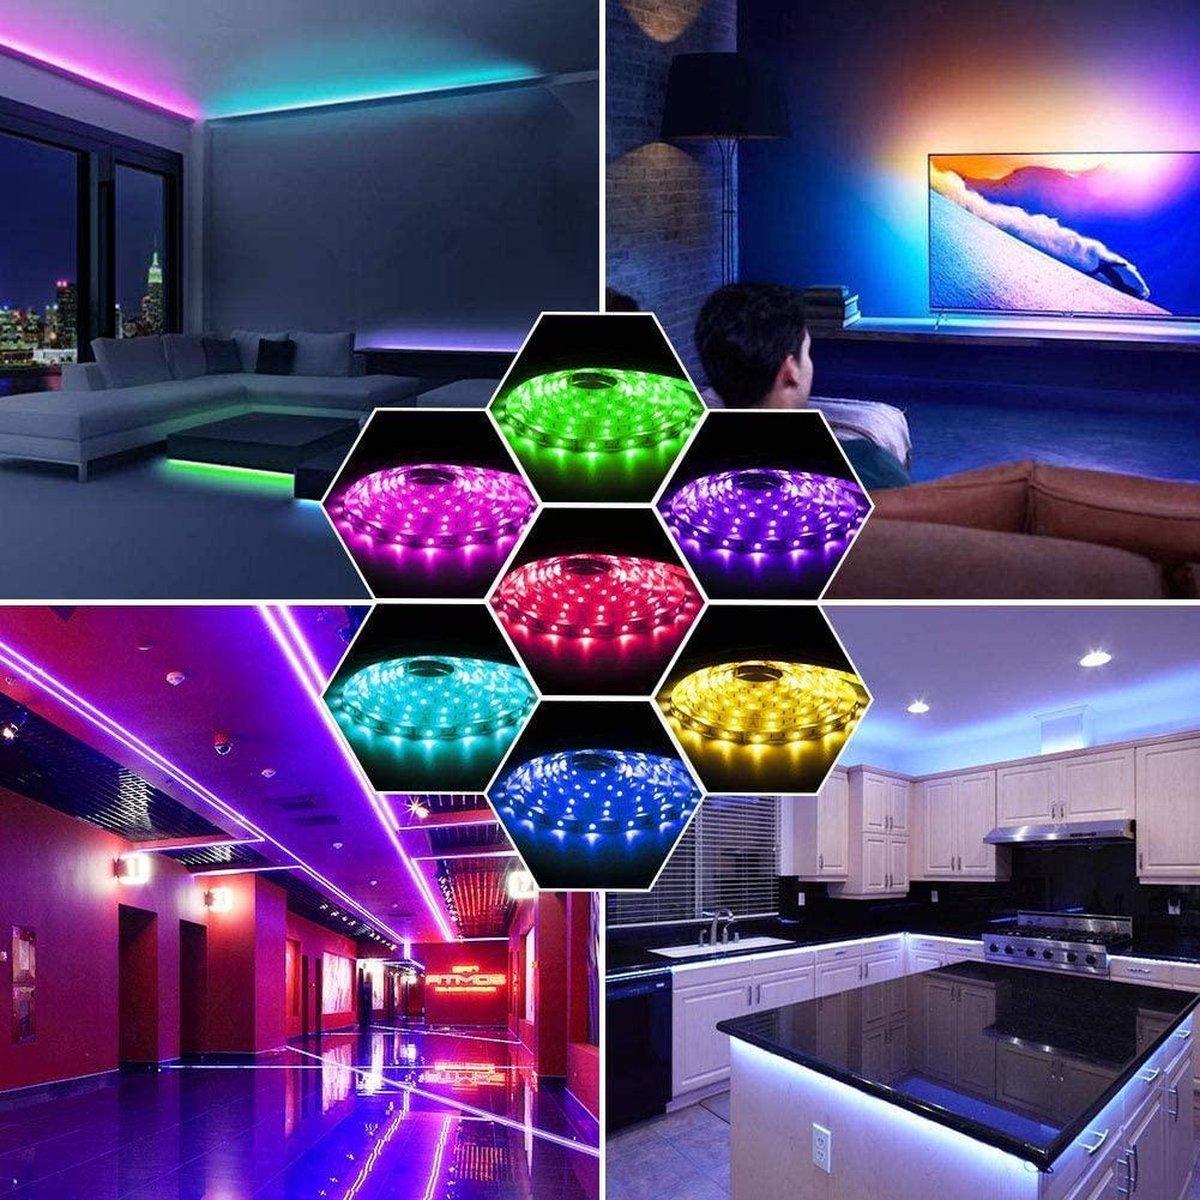 2,5 meter RGB led strip waterproof - IP65 - 30Leds/m - 12V